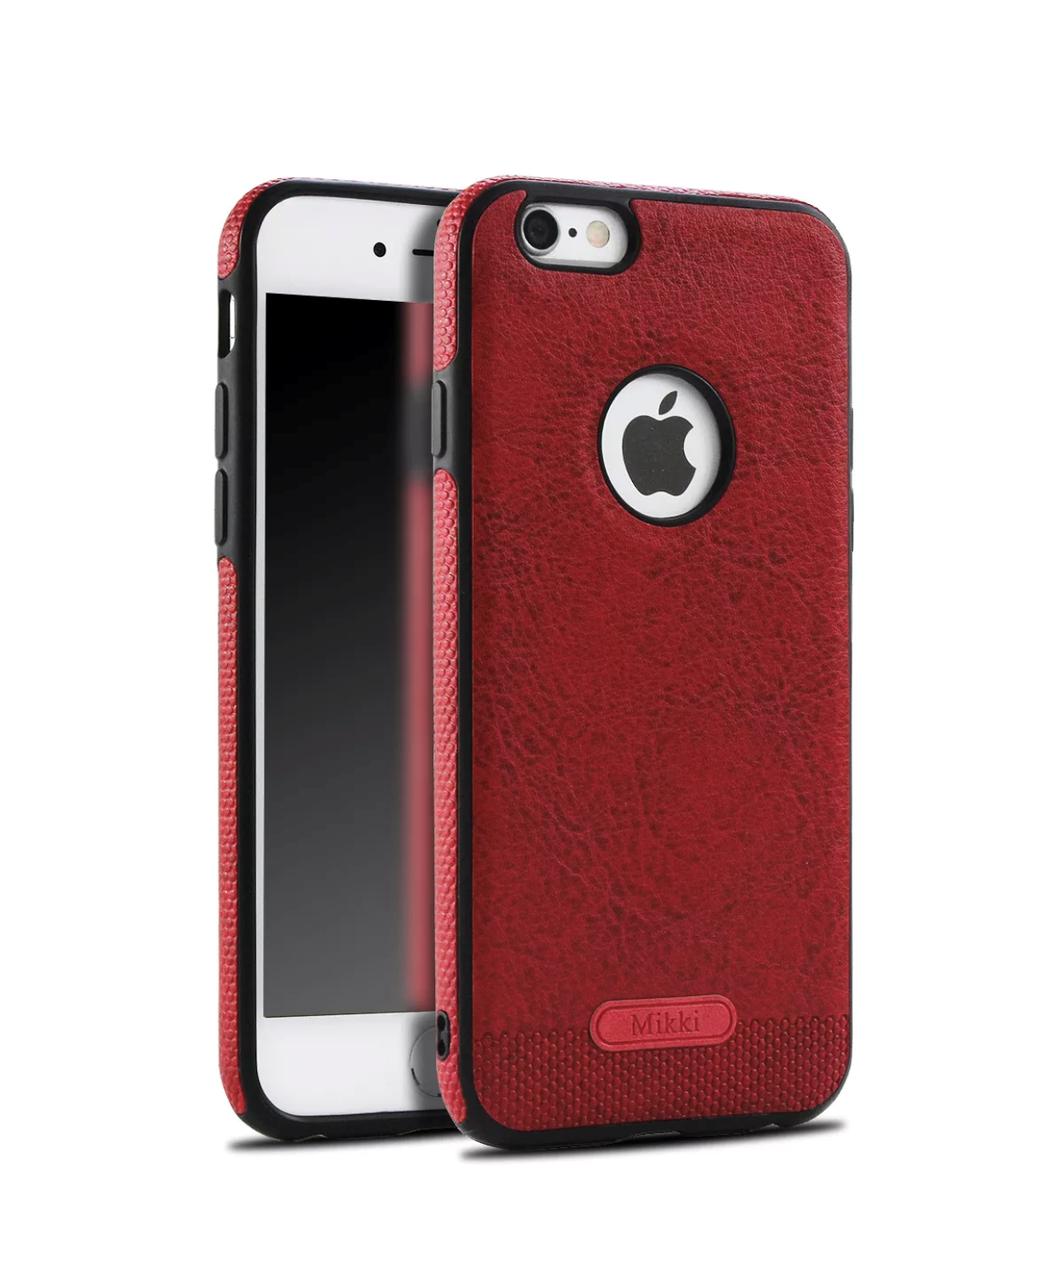 Чехол  для Iphone 6/6S кожаный бизнес-класса